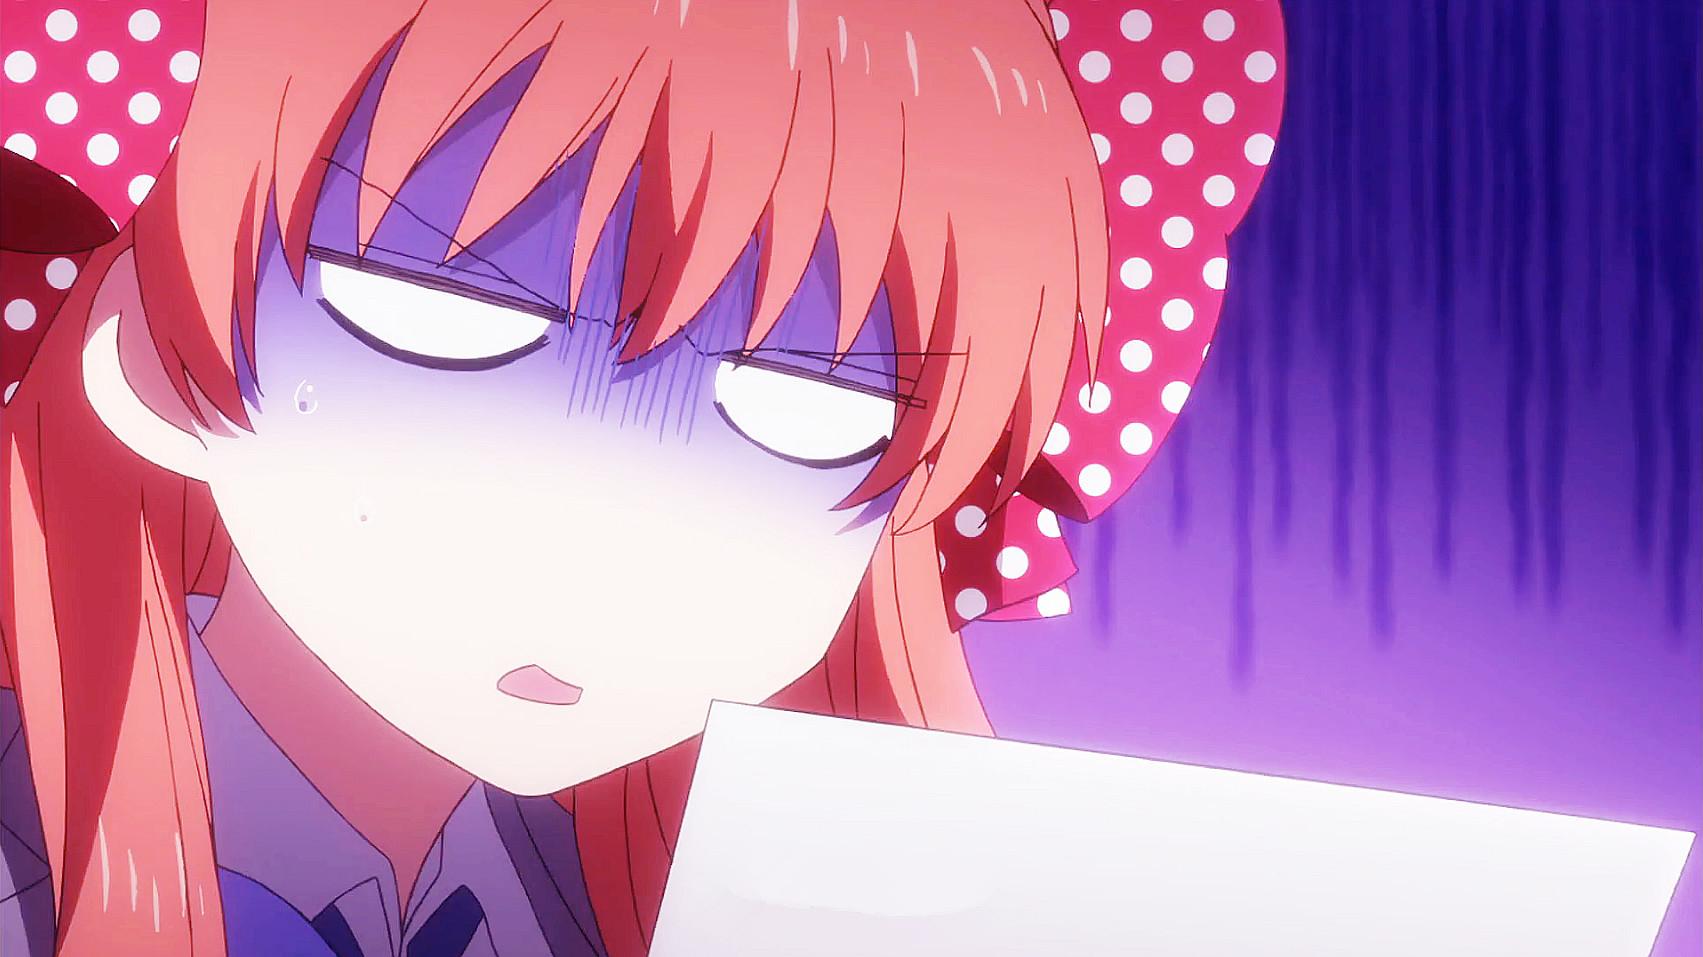 【漫迷小筑少女】表情动画野崎君找一下小可爱月刊包图片